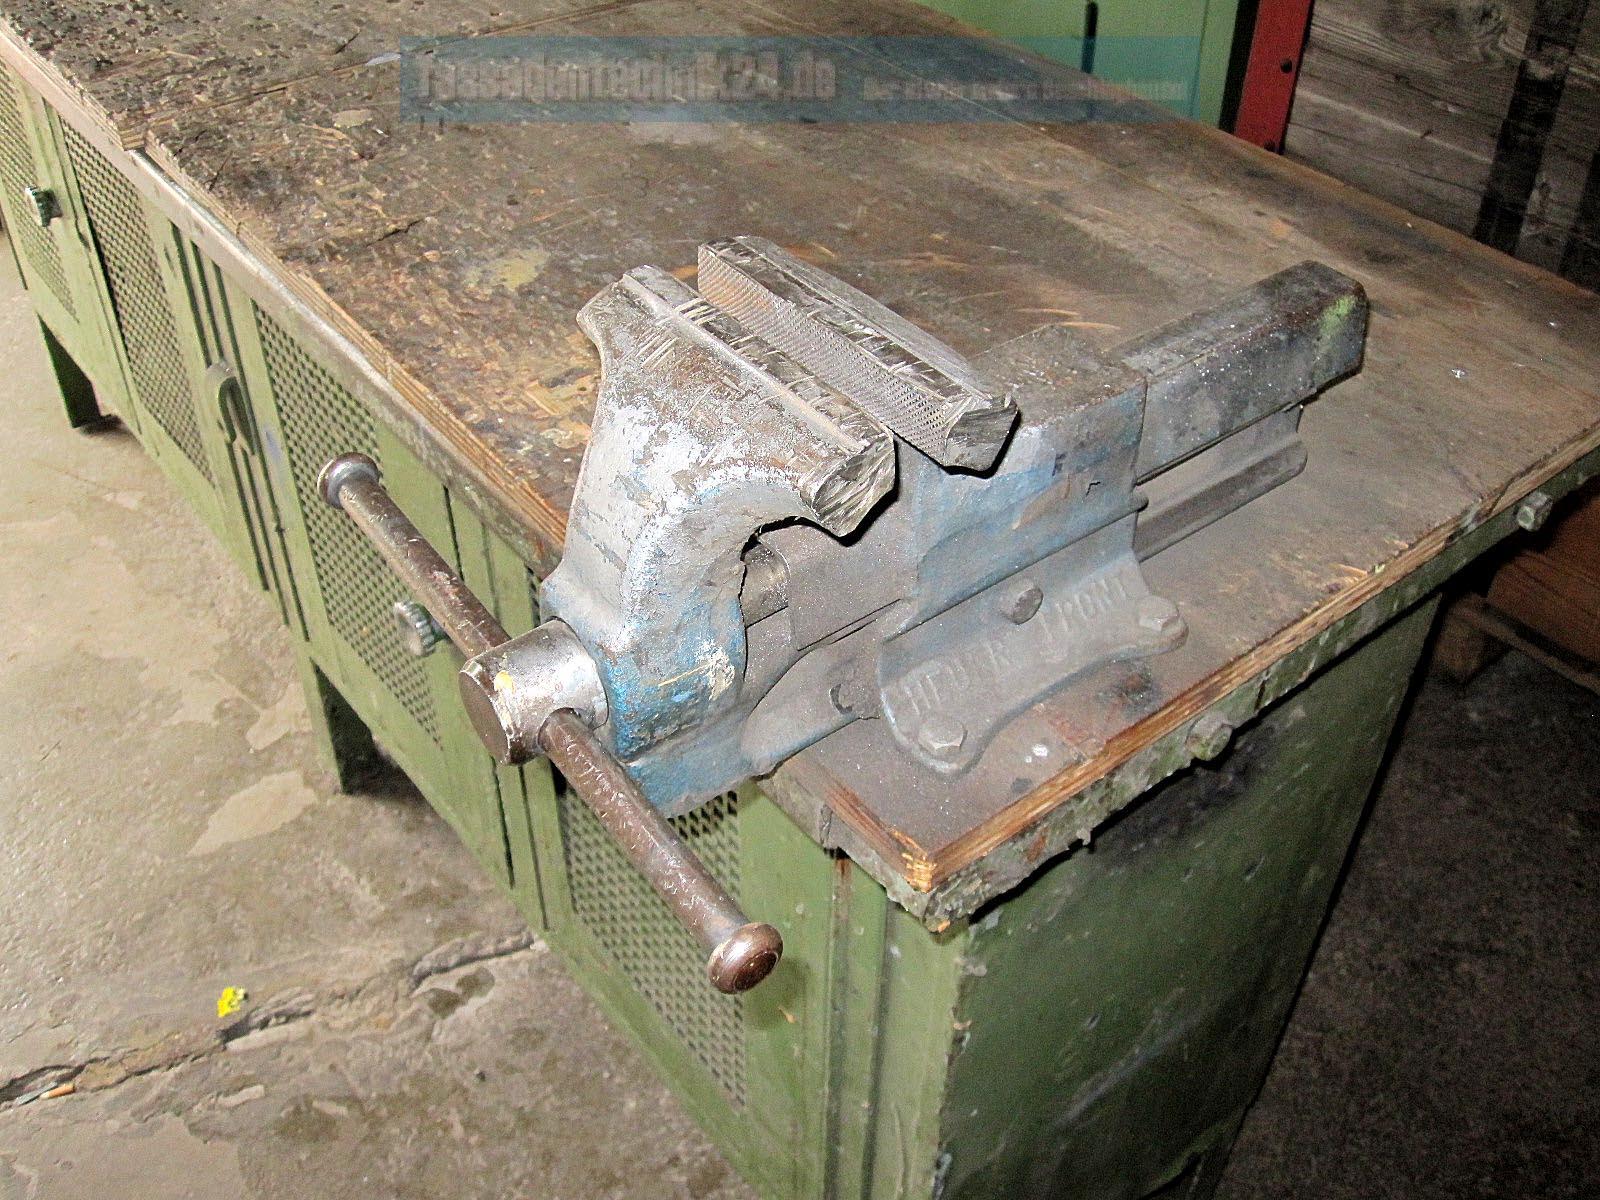 Stabile,  u00e4ltere Werkbank aus Metallbaubetrieb mit Schraubstock, gebraucht, siehe   eBay